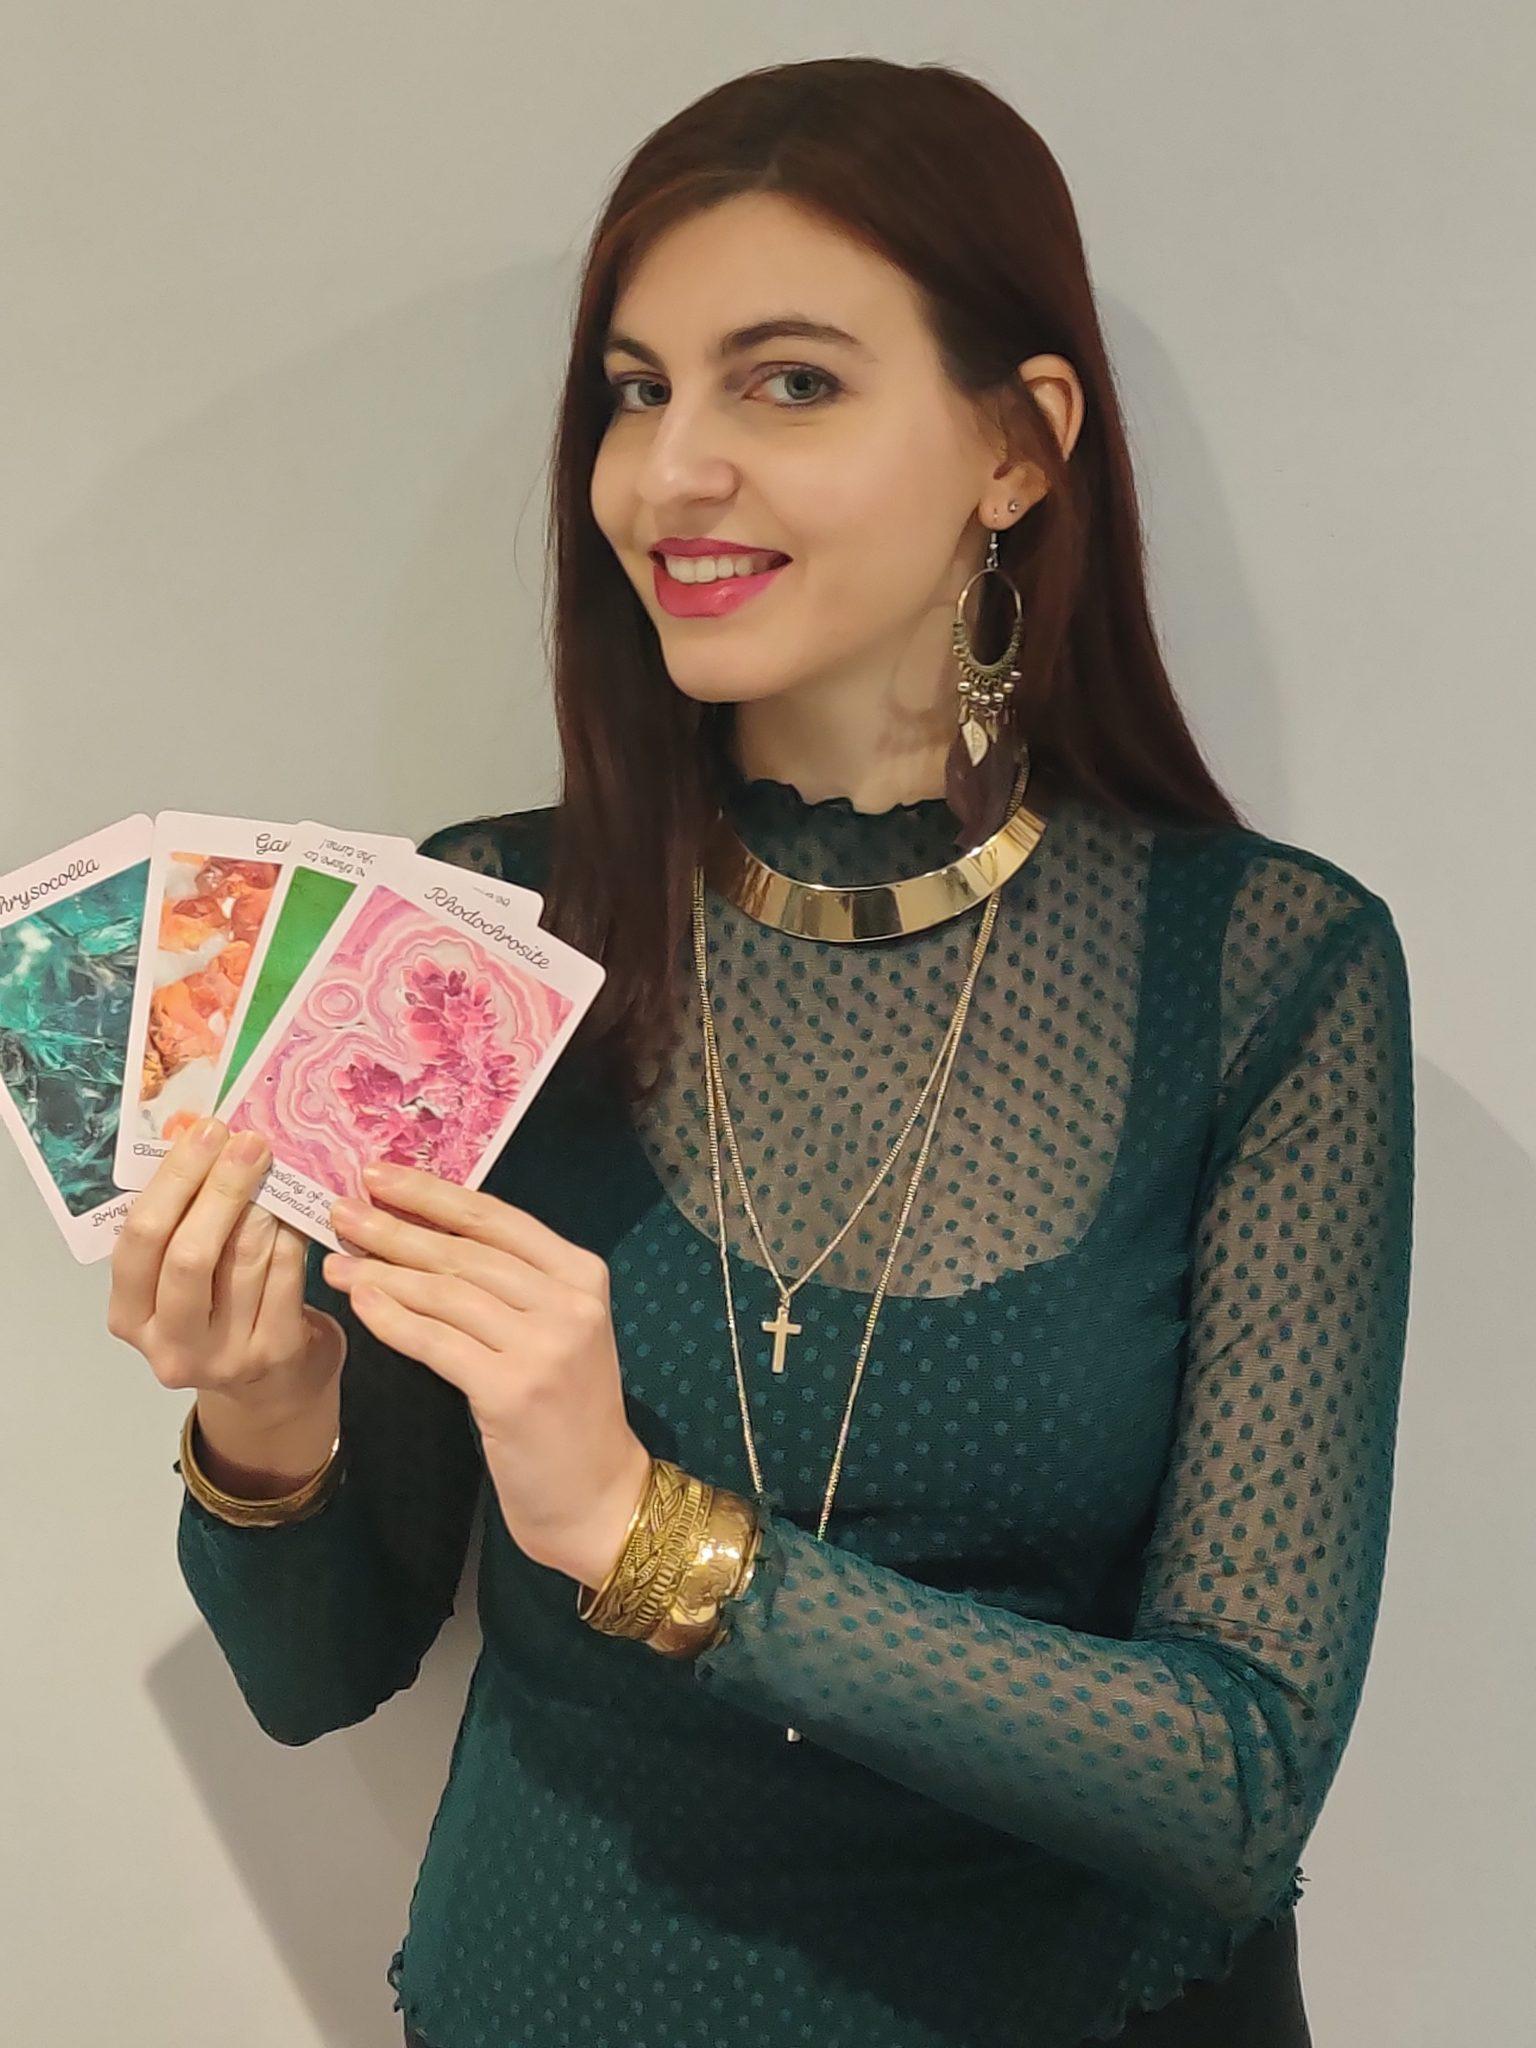 Crystal Psychic Tarot Reader